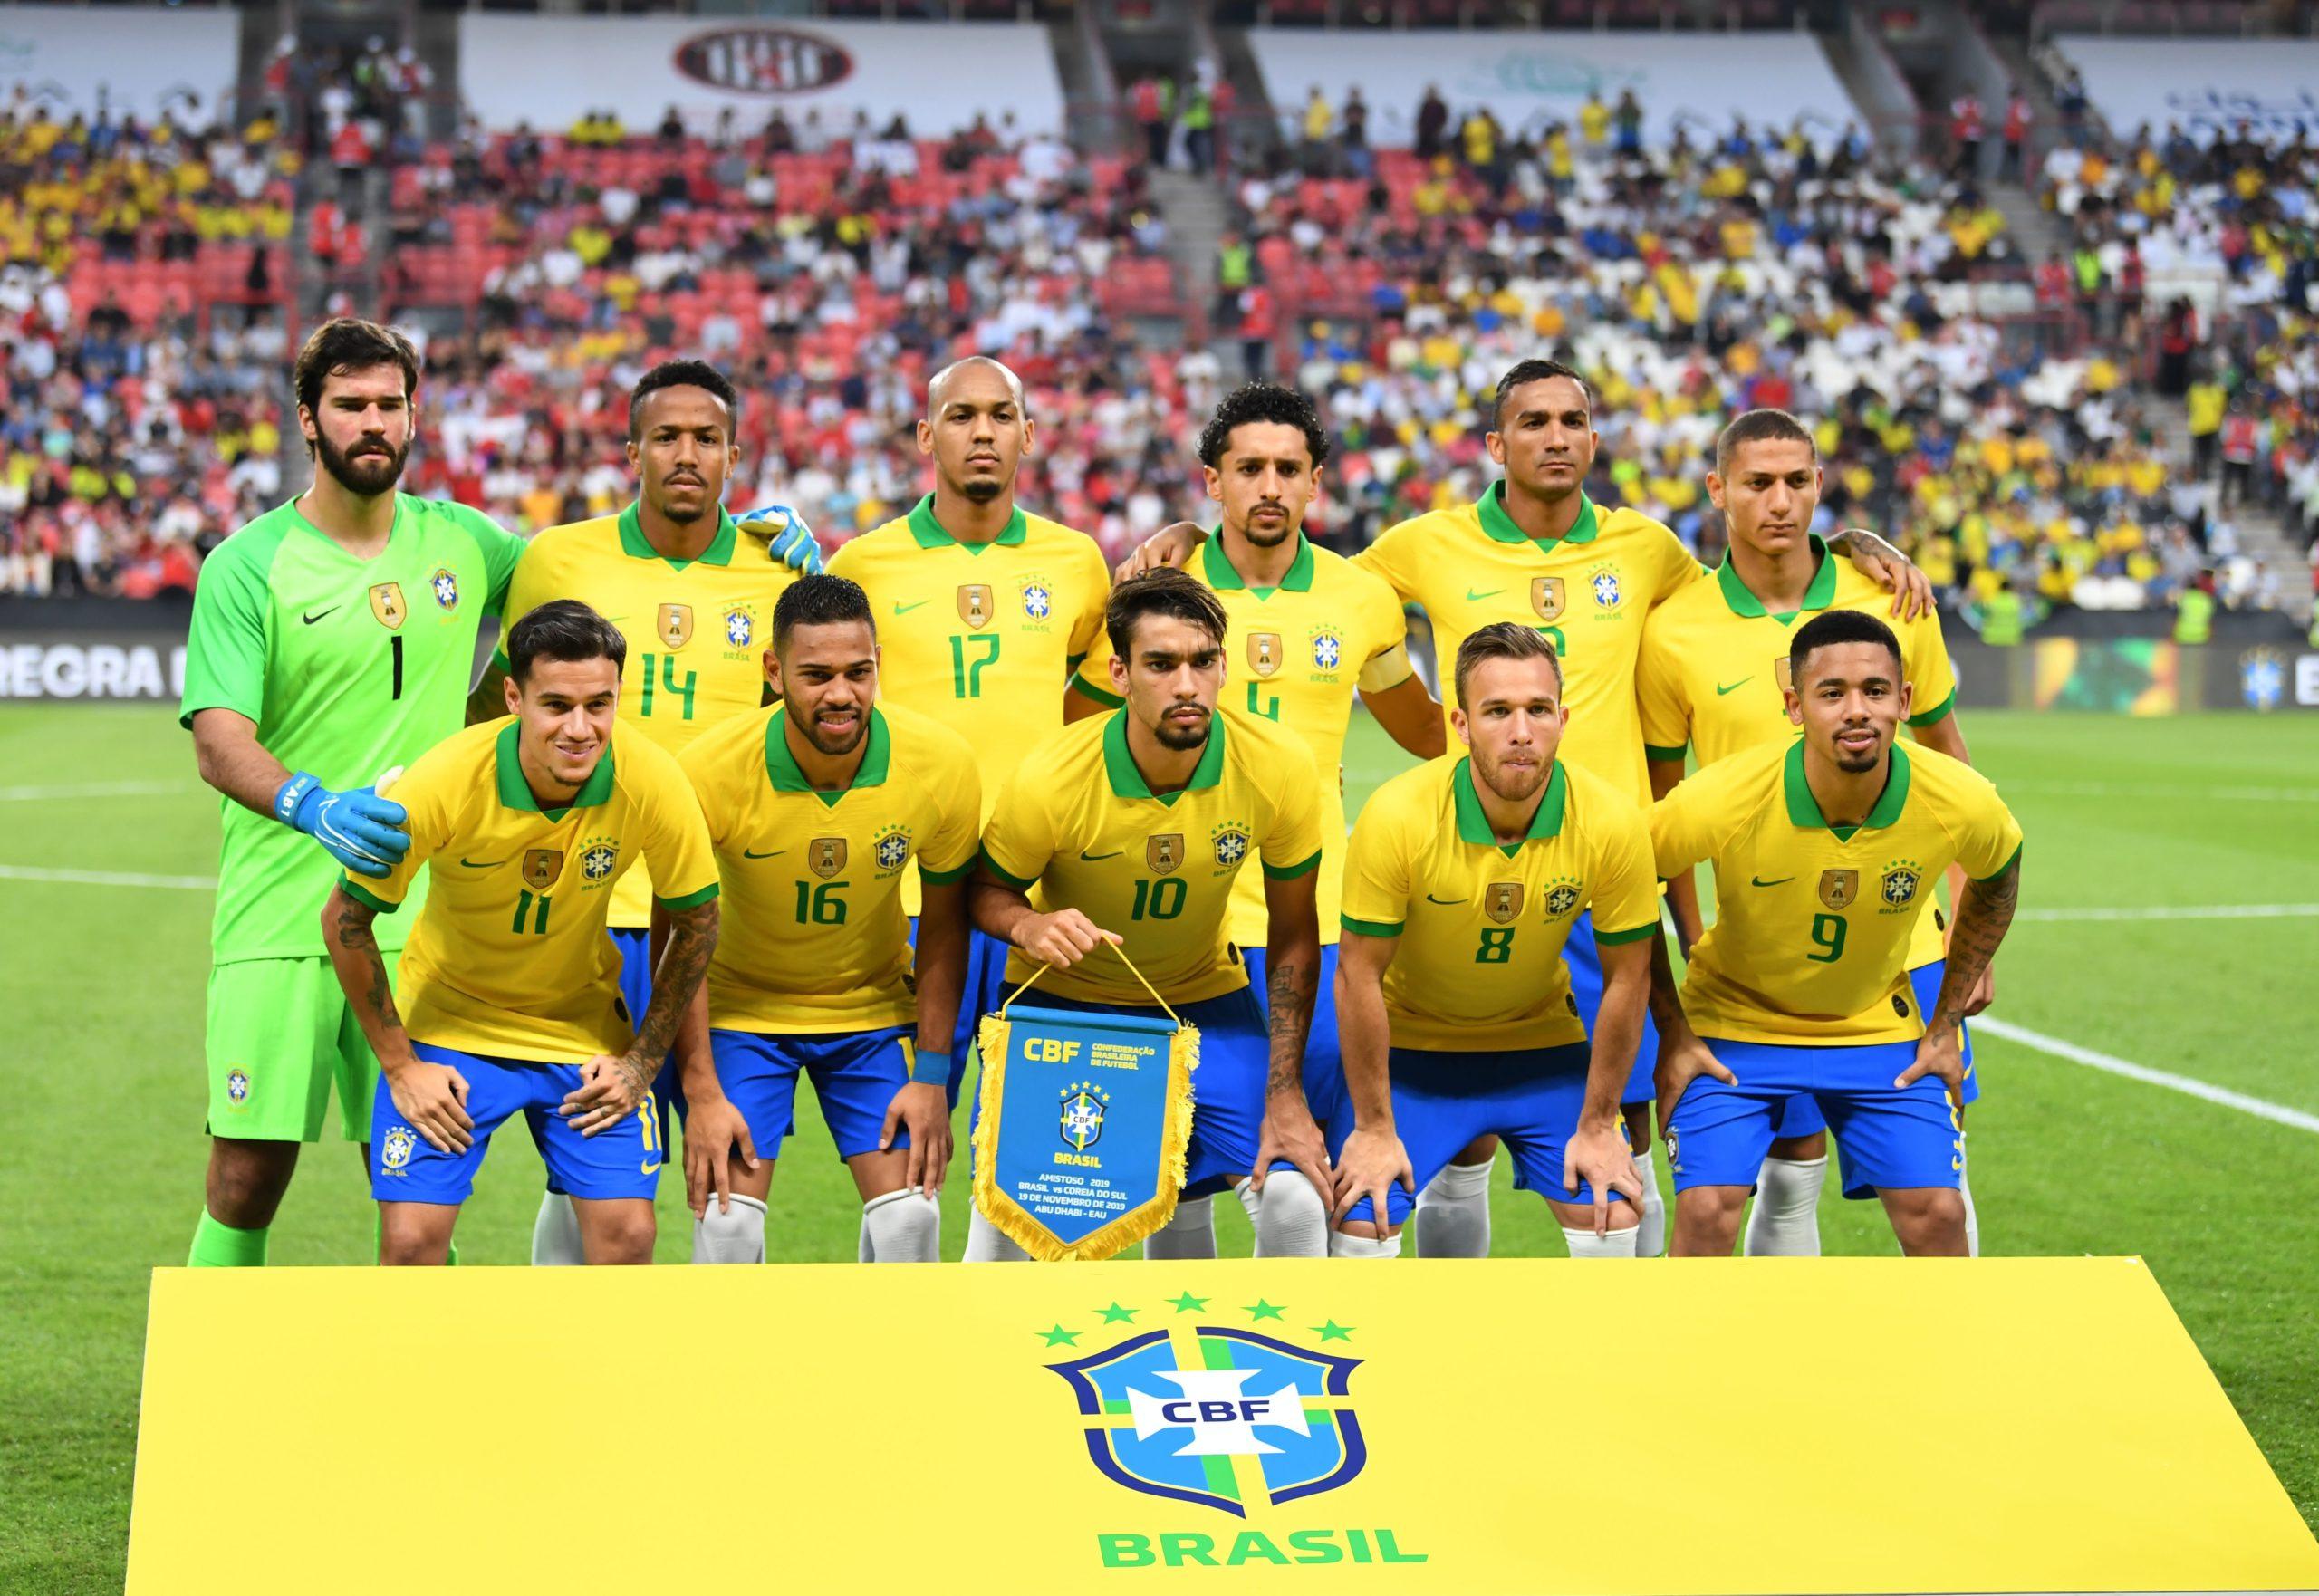 brasile